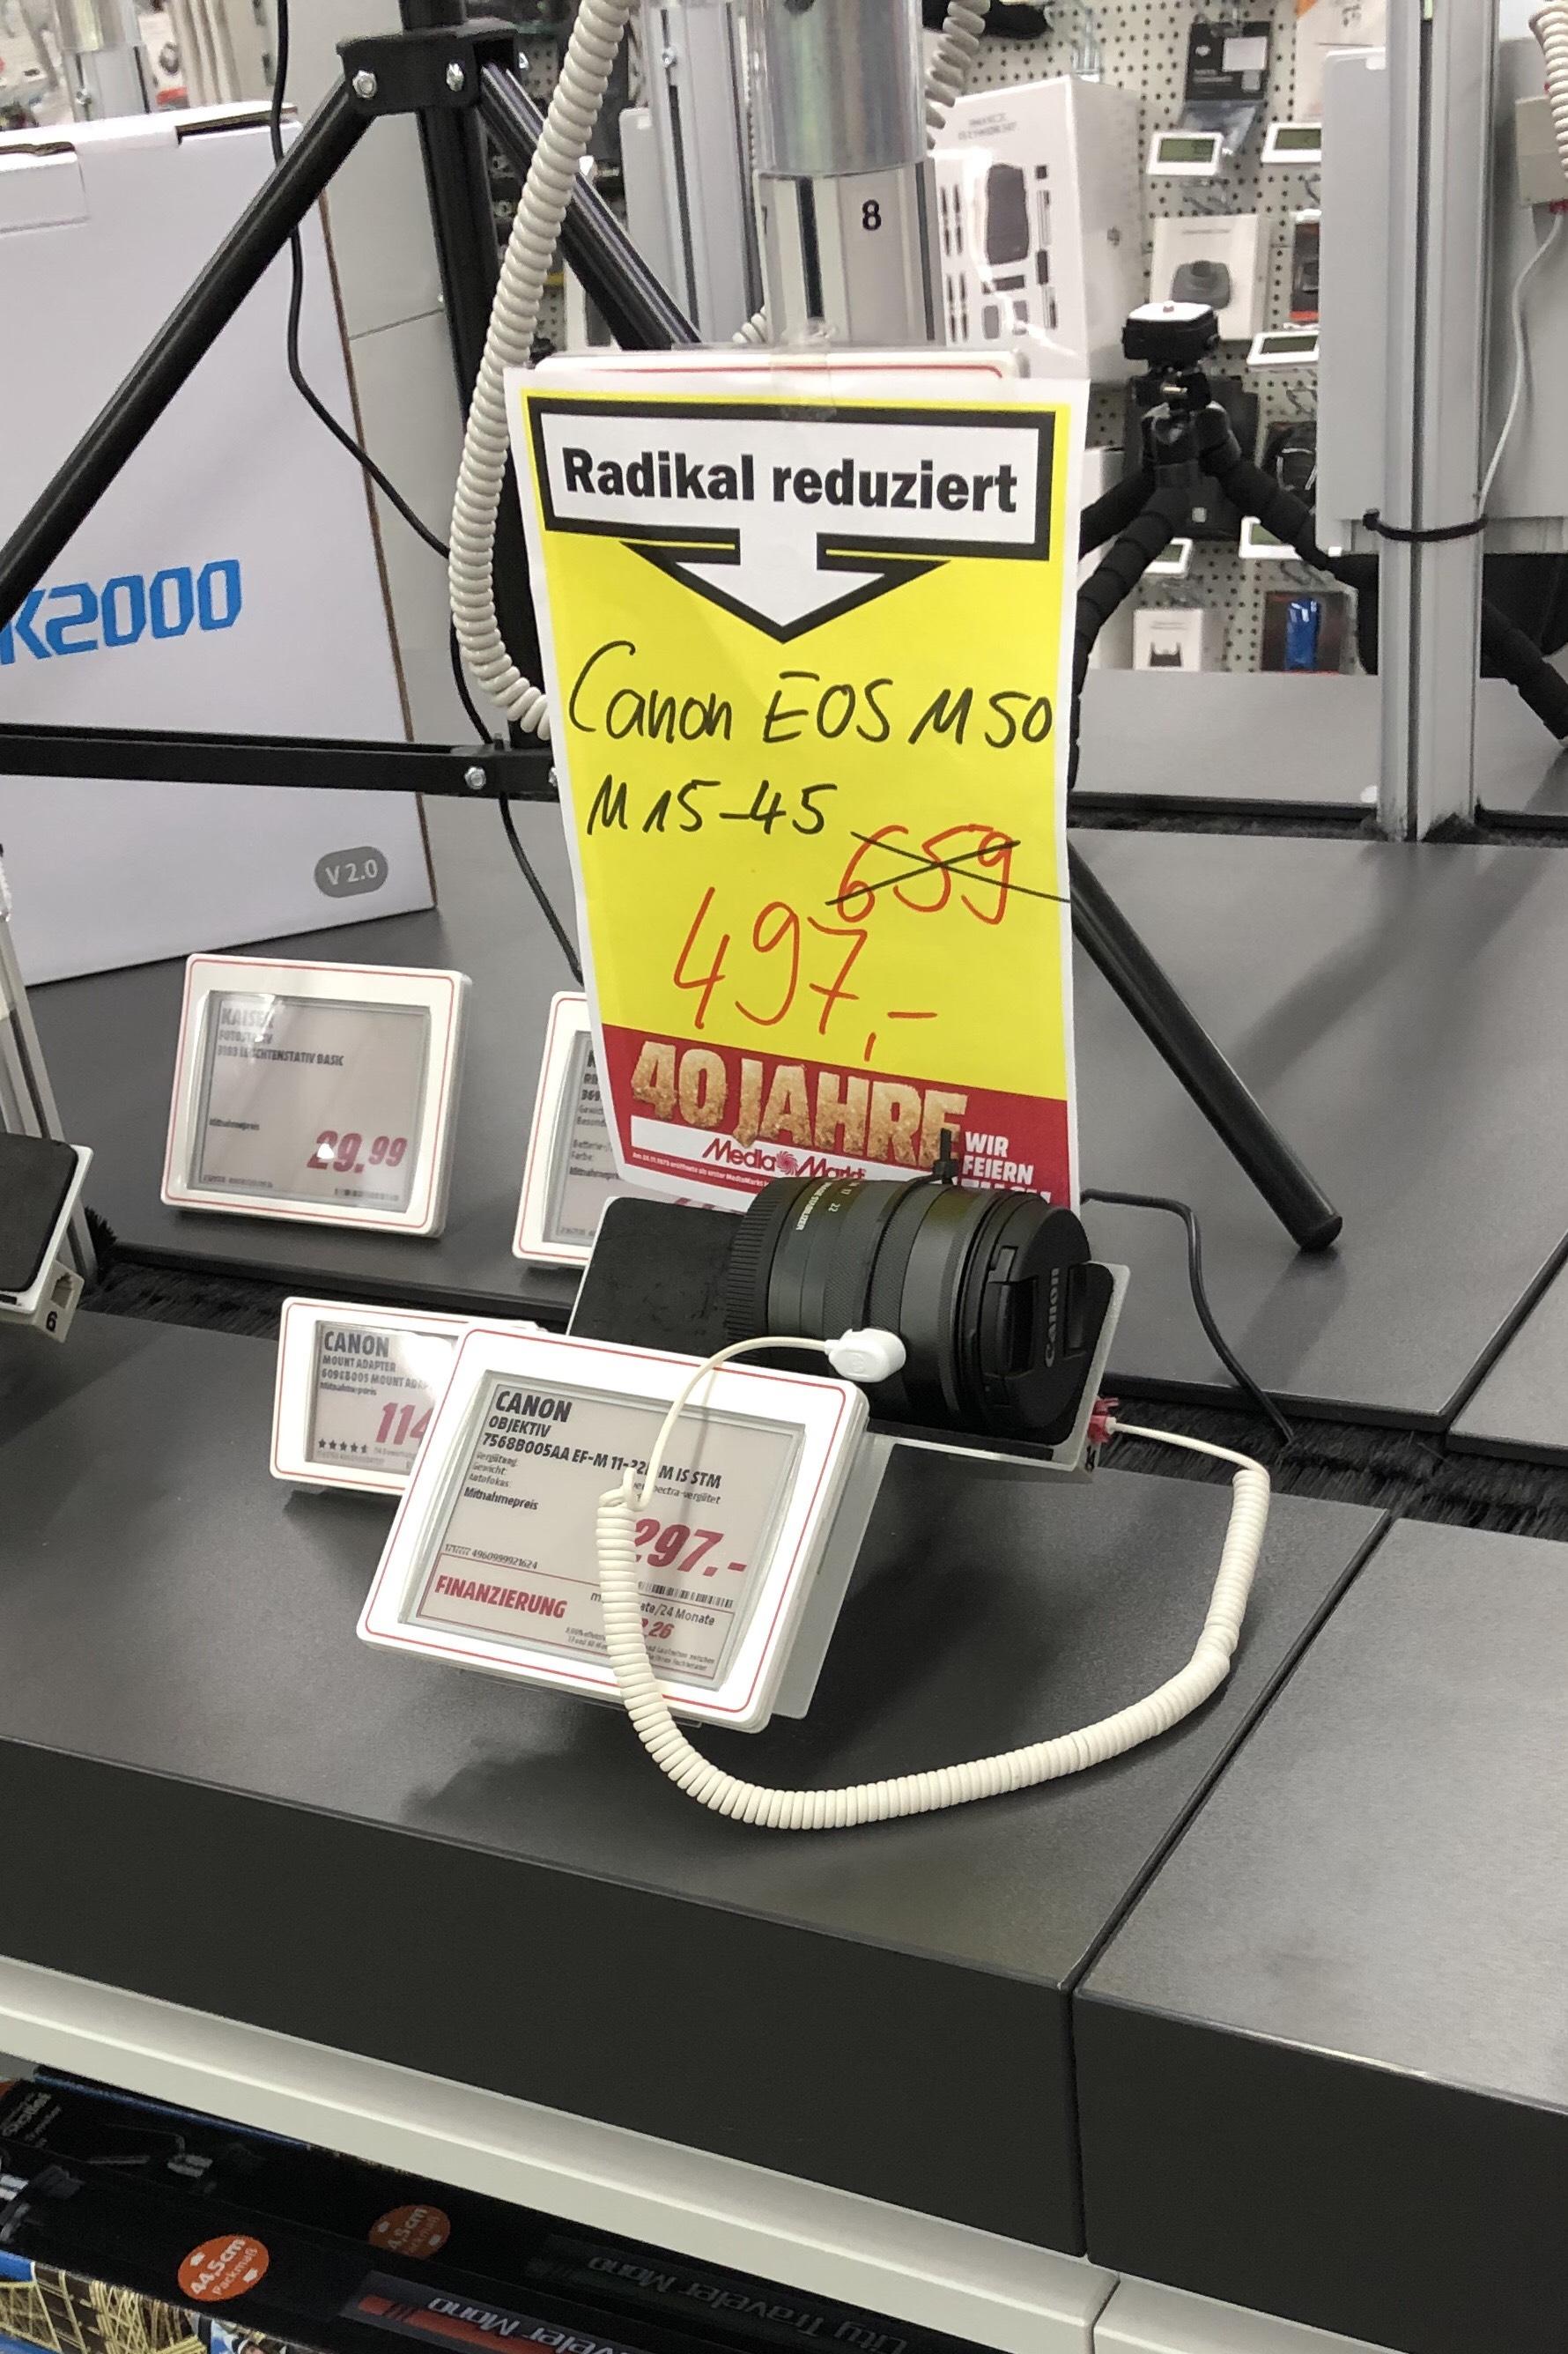 [Lokal Media Markt Stuhr] Canon EOS M50 mit Kit 15-45, Tasche und 16GB SD Karte für 417,63€